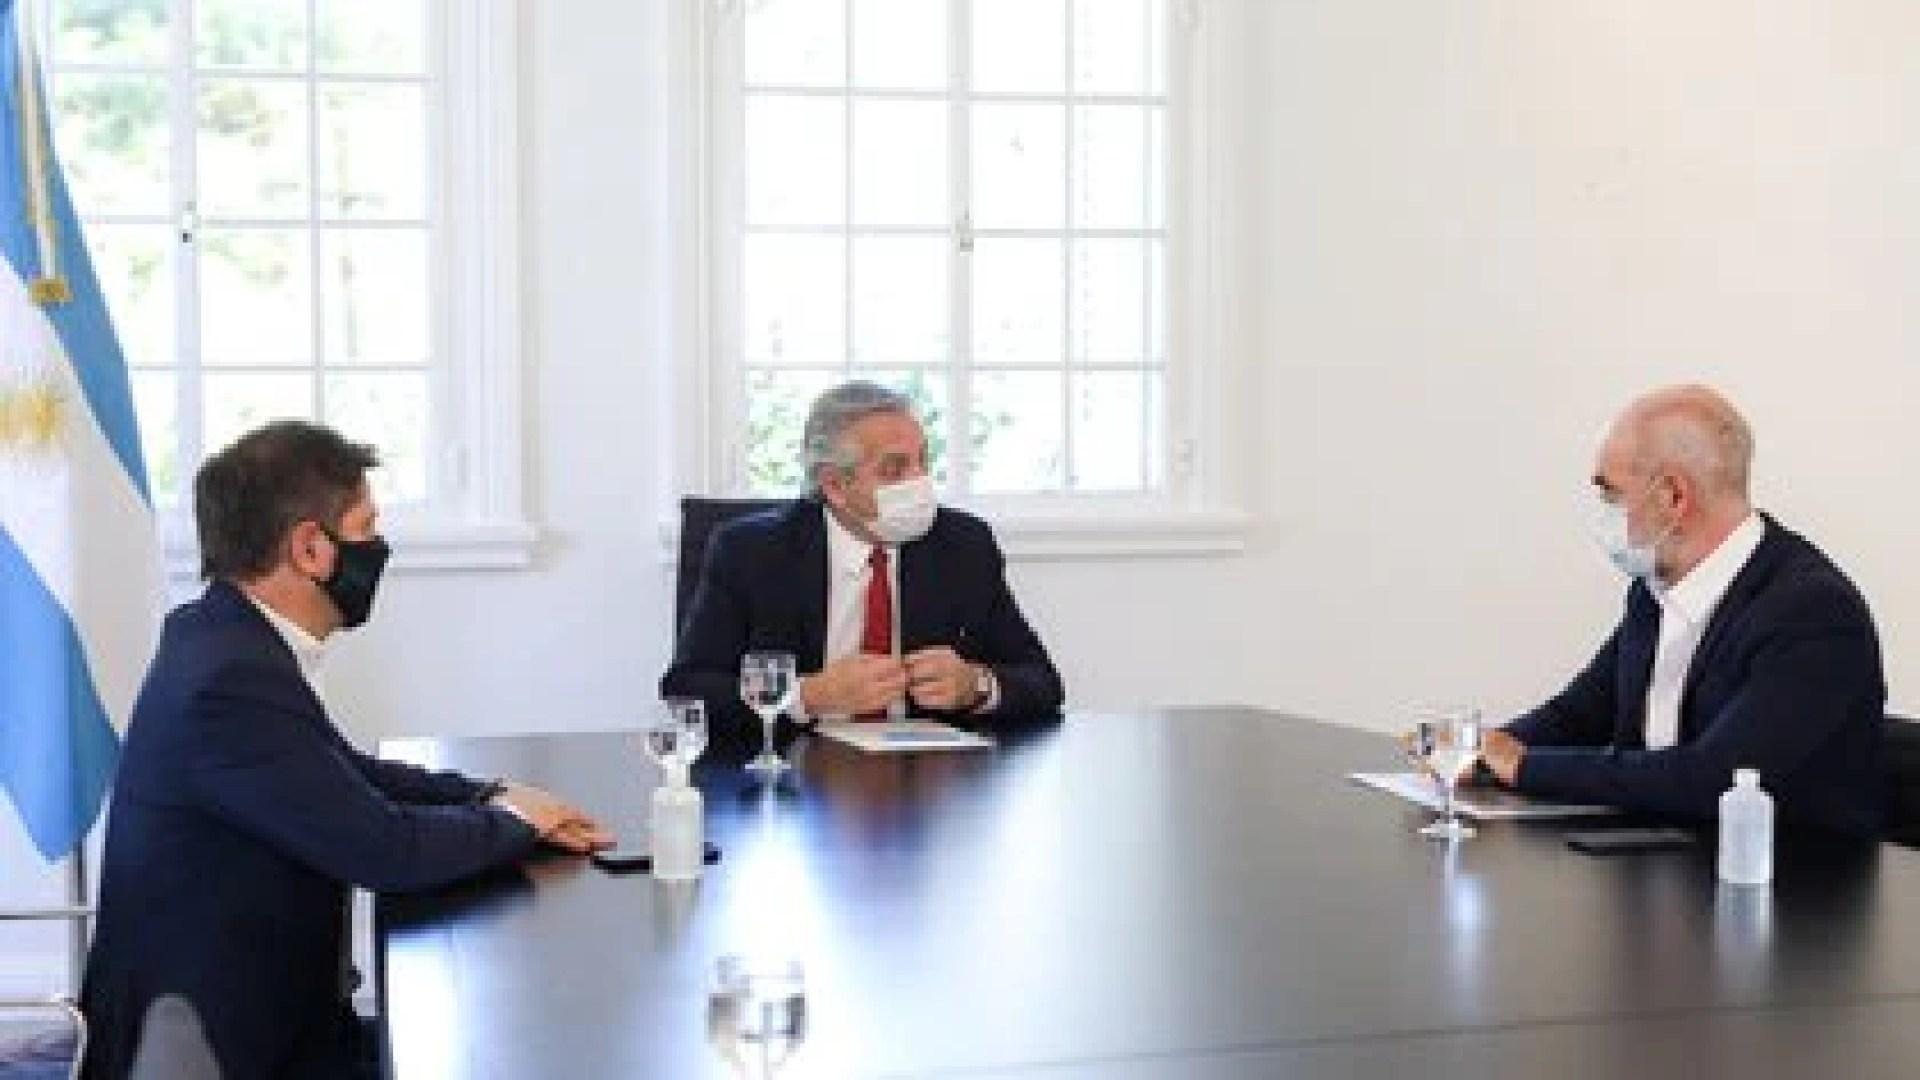 Axel Kicillof y Horacio Rodríguez Larreta se comprometieron a apoyar las medidas del gobierno nacional